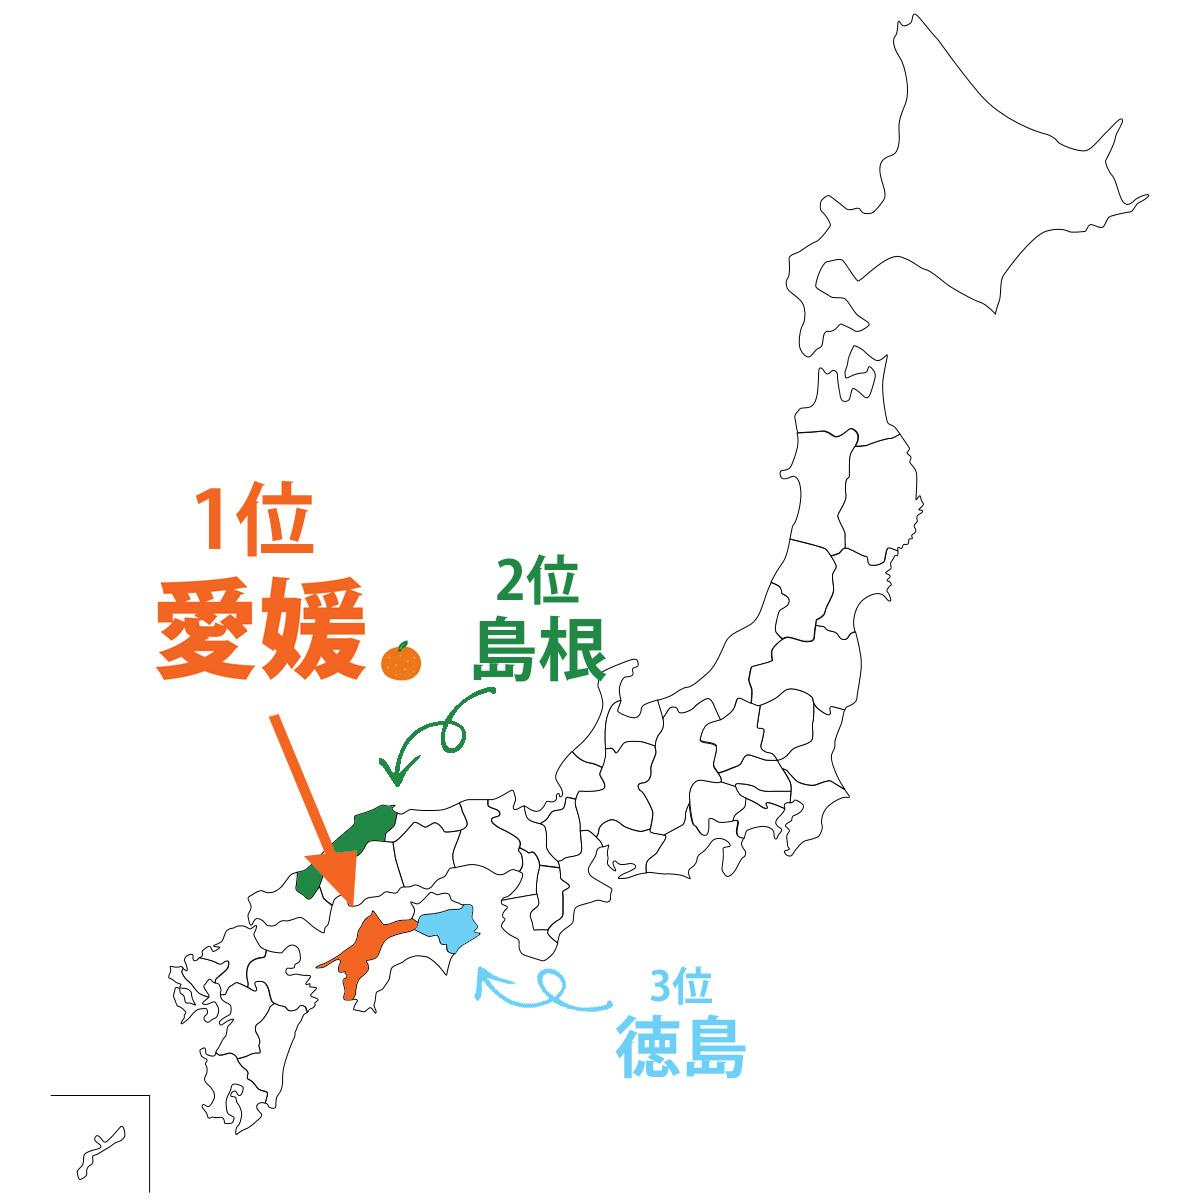 ストレスが少ない都道府県ランキング、日本一は「愛媛県」!その理由は?